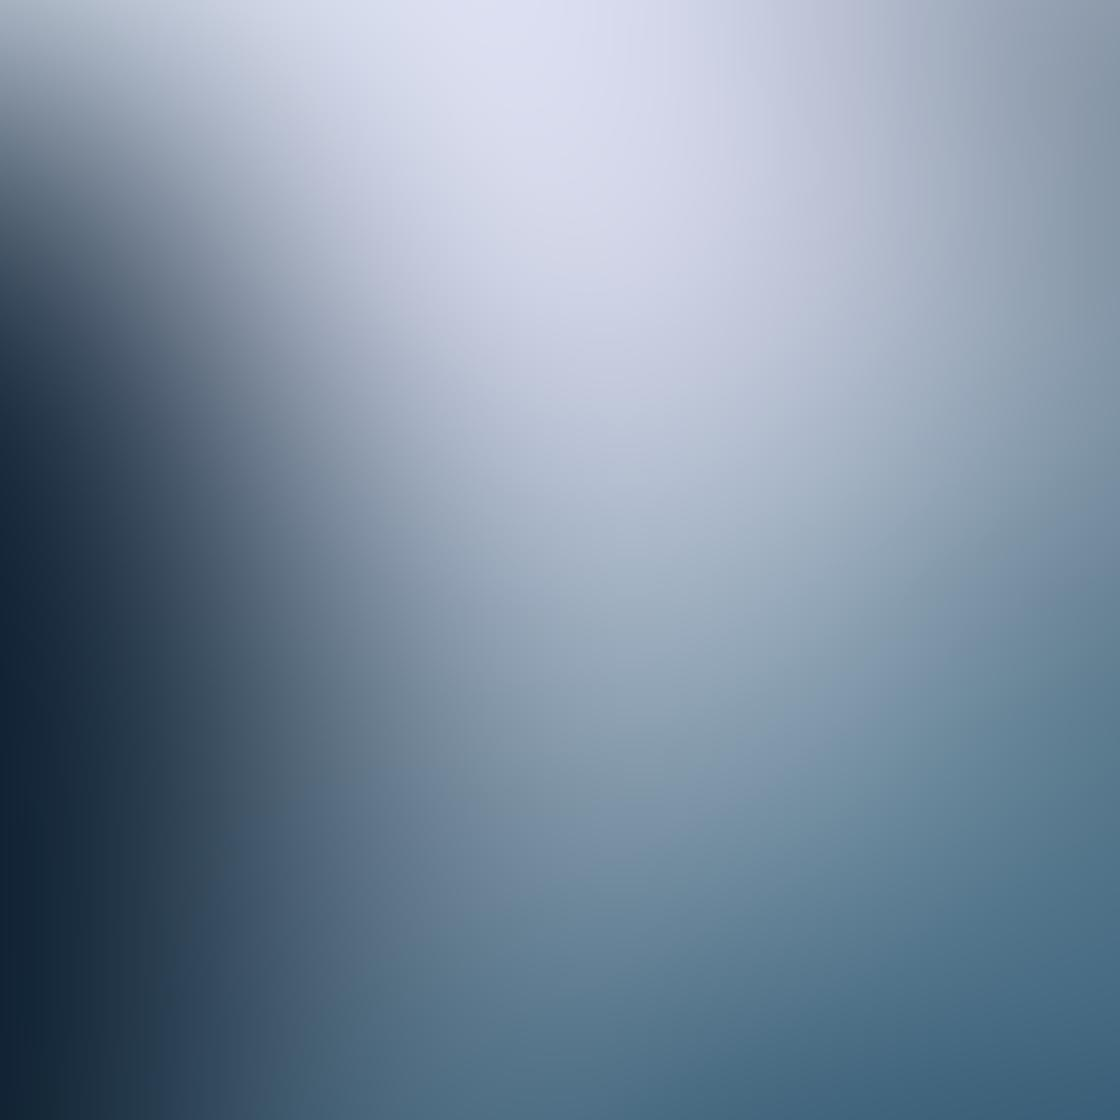 iPhone Empty Space Photo 7